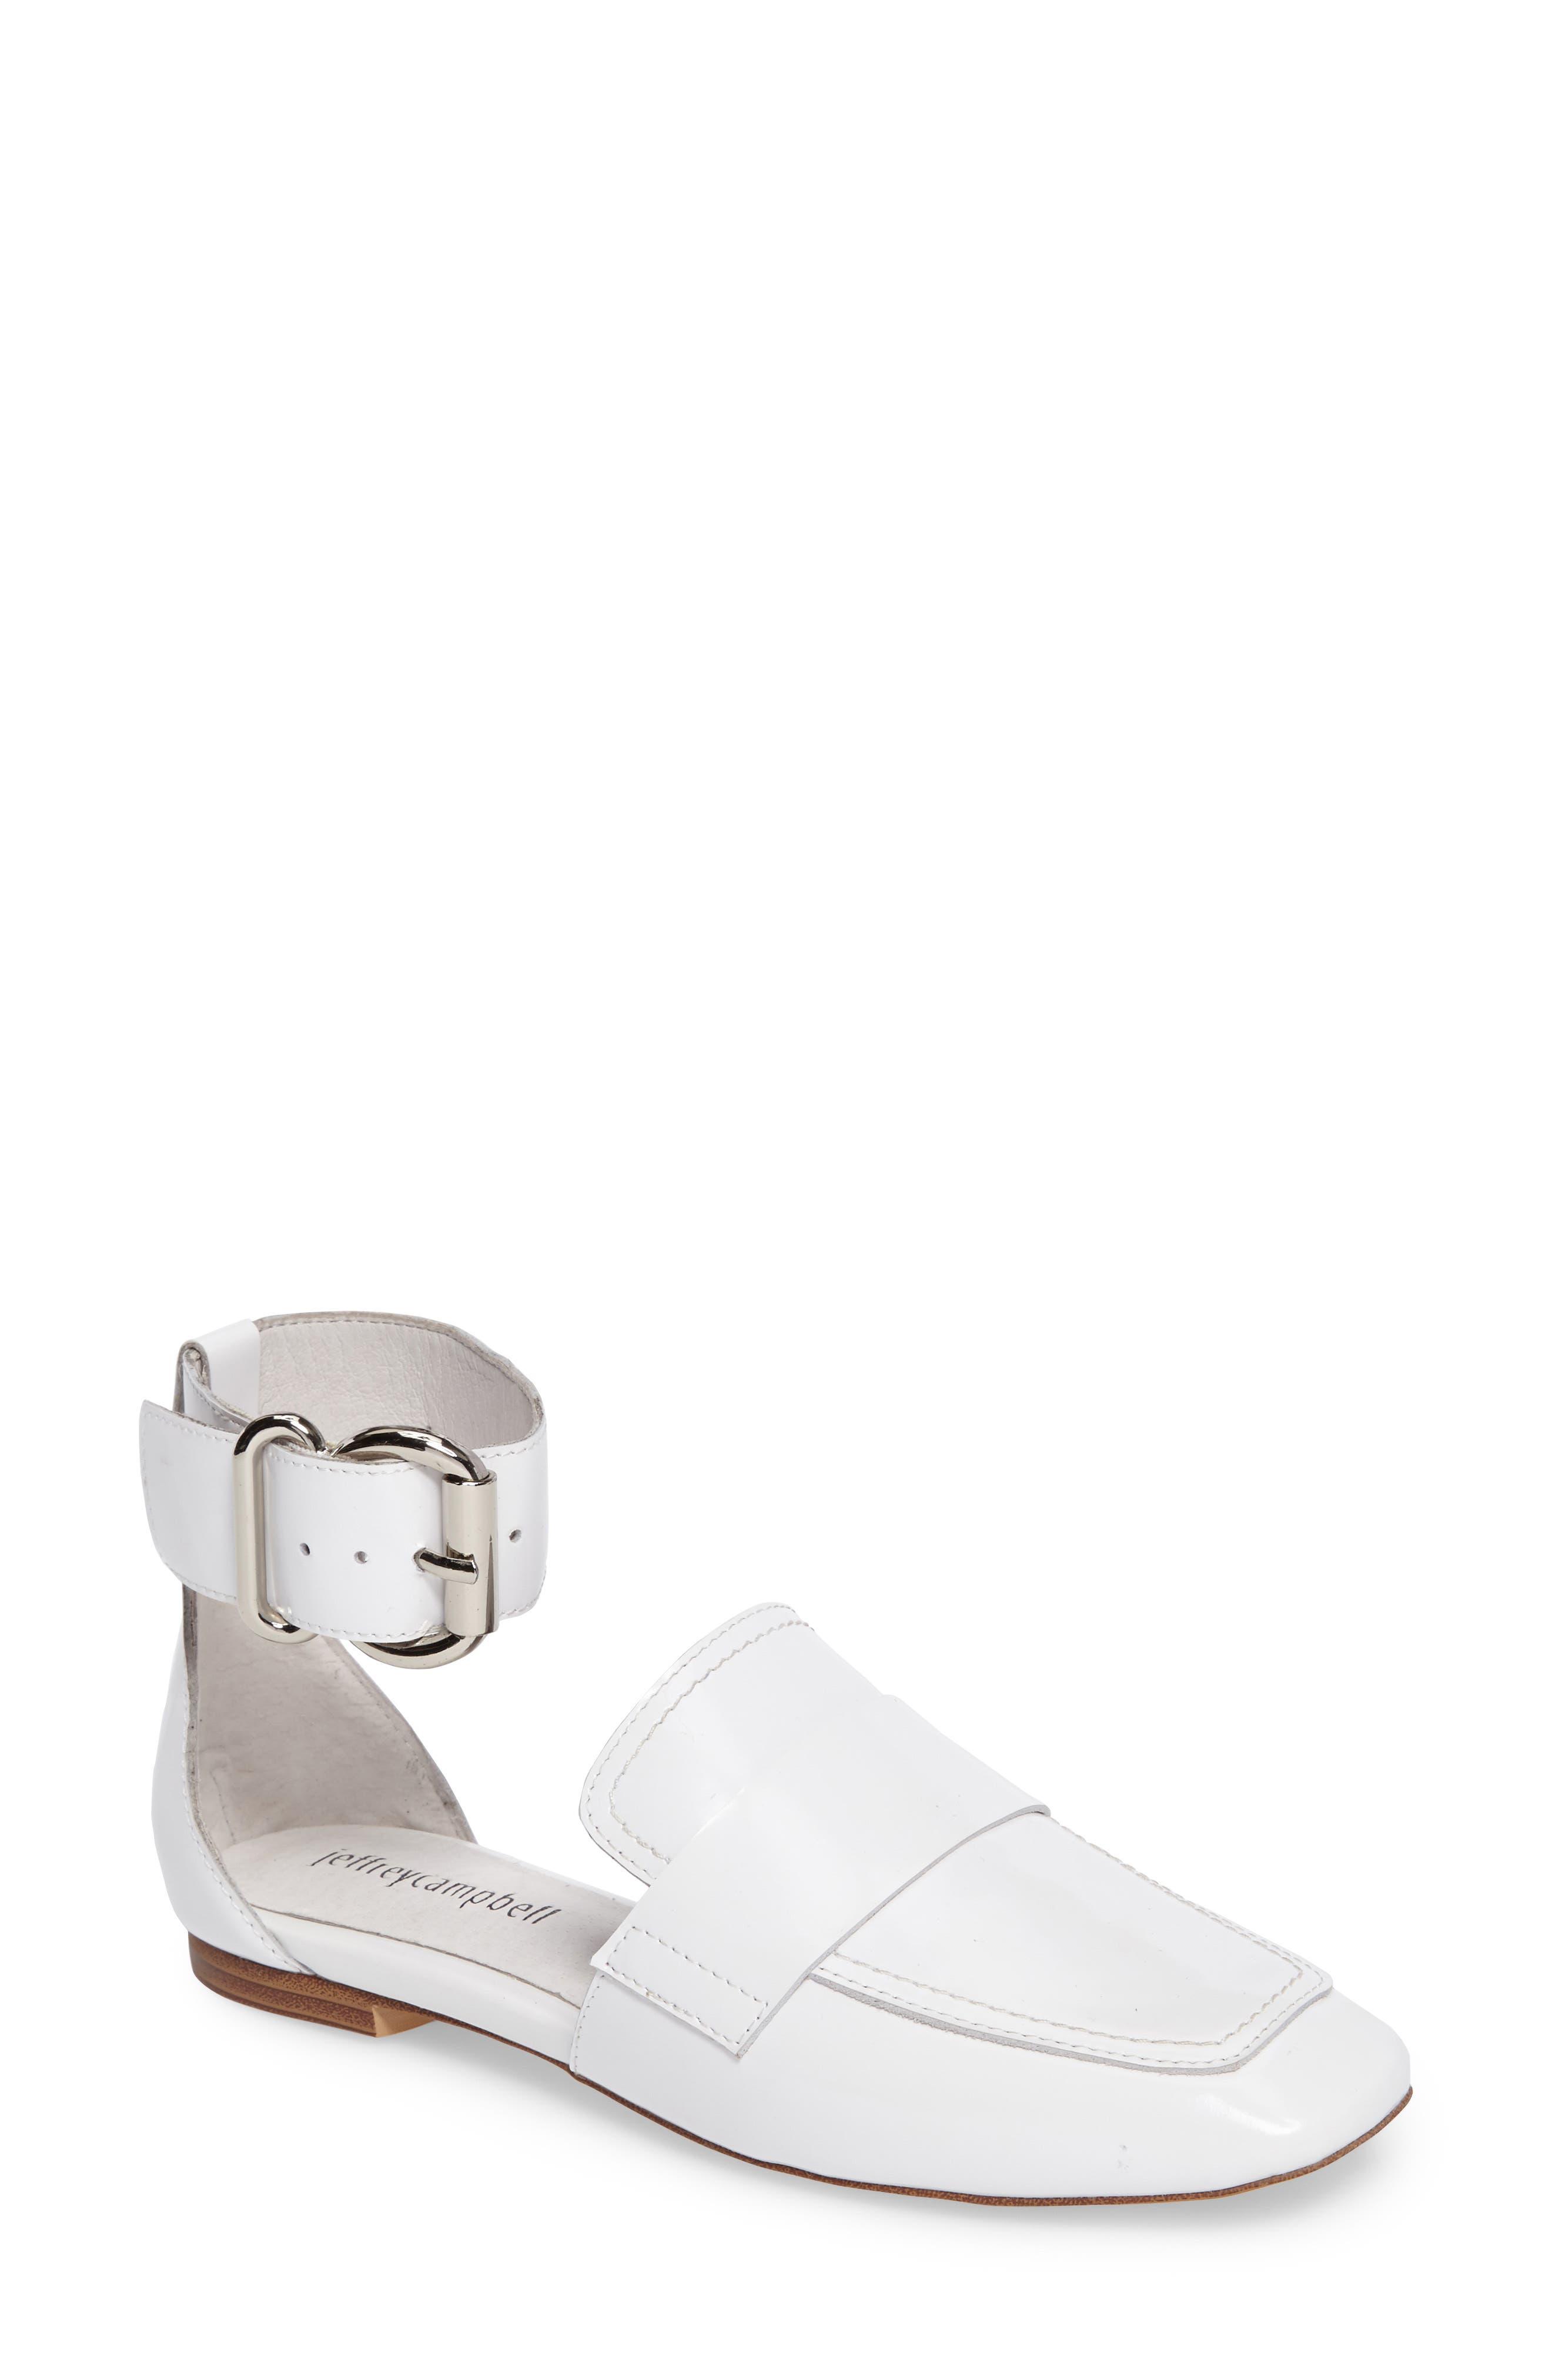 Jeffrey Campbell Meyler Cuffed Loafer Flat (Women)